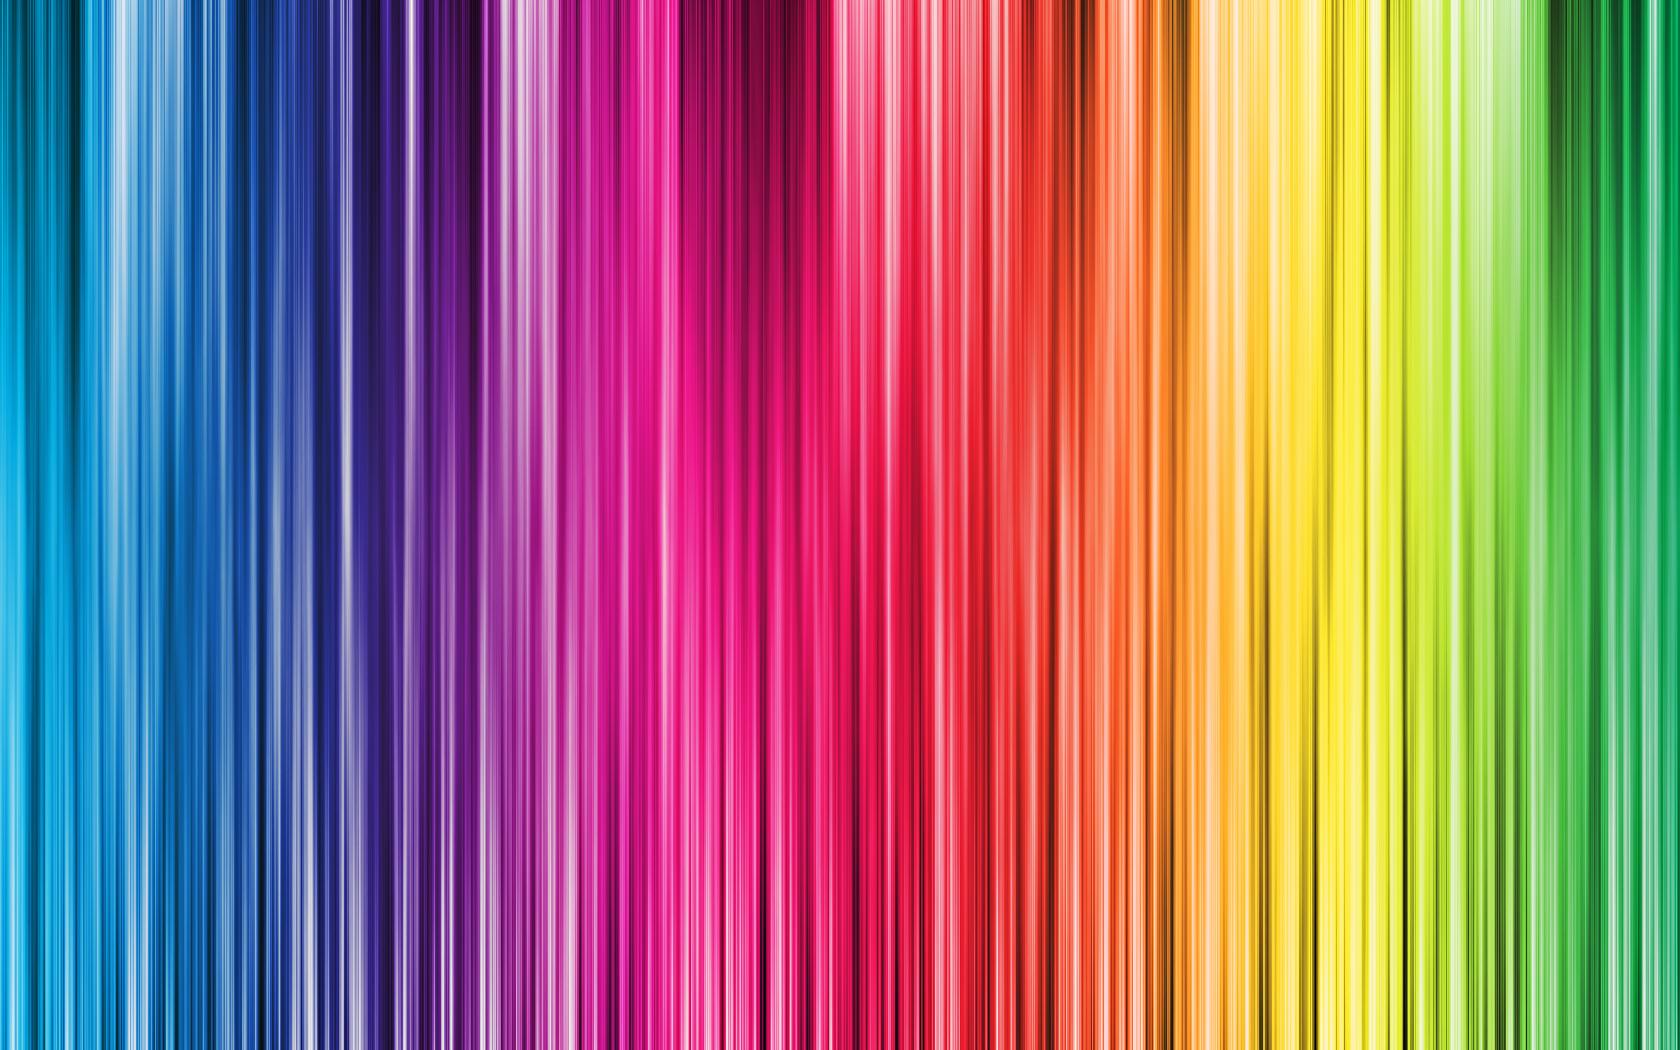 Multi Colored Backgrounds - WallpaperSafari